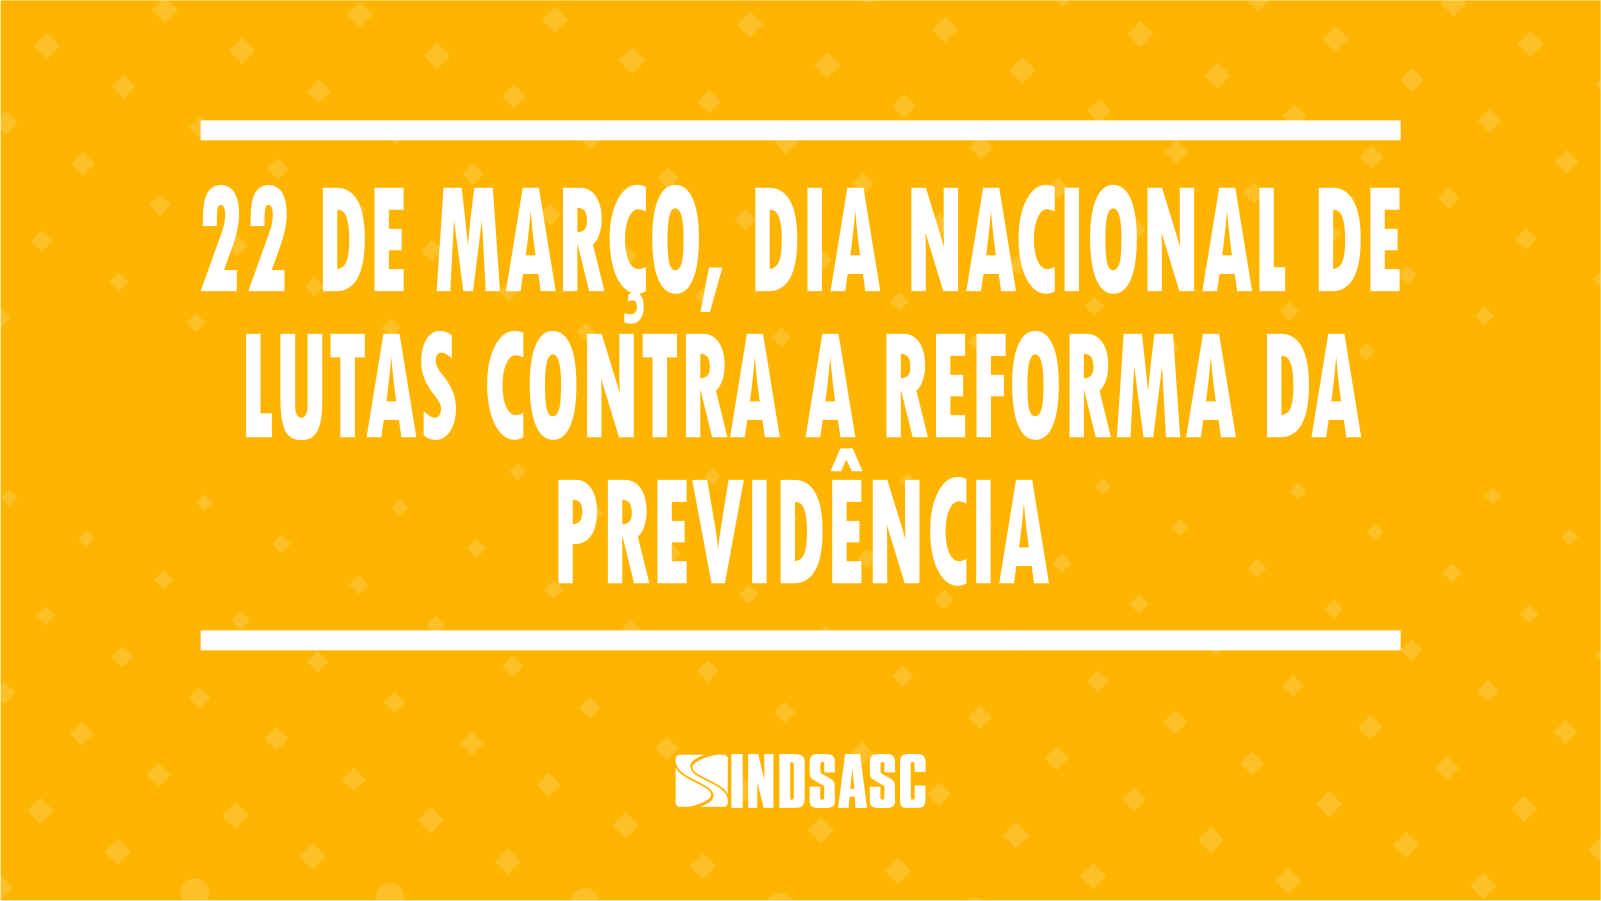 22 de março, dia nacional de lutas contra a reforma da previdência